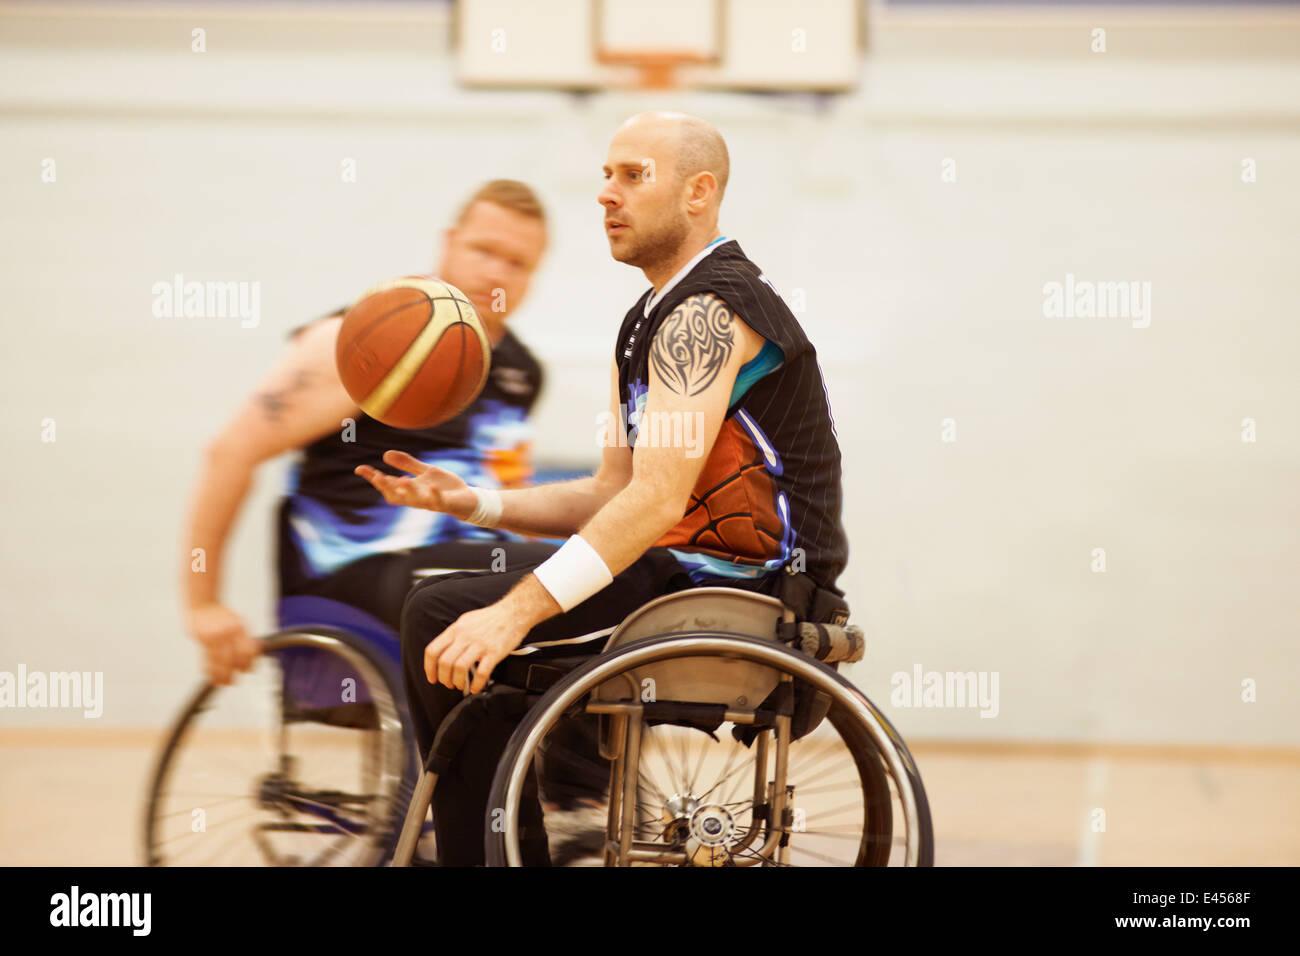 Joueur de basket-ball en fauteuil roulant balle rebondissante Photo Stock